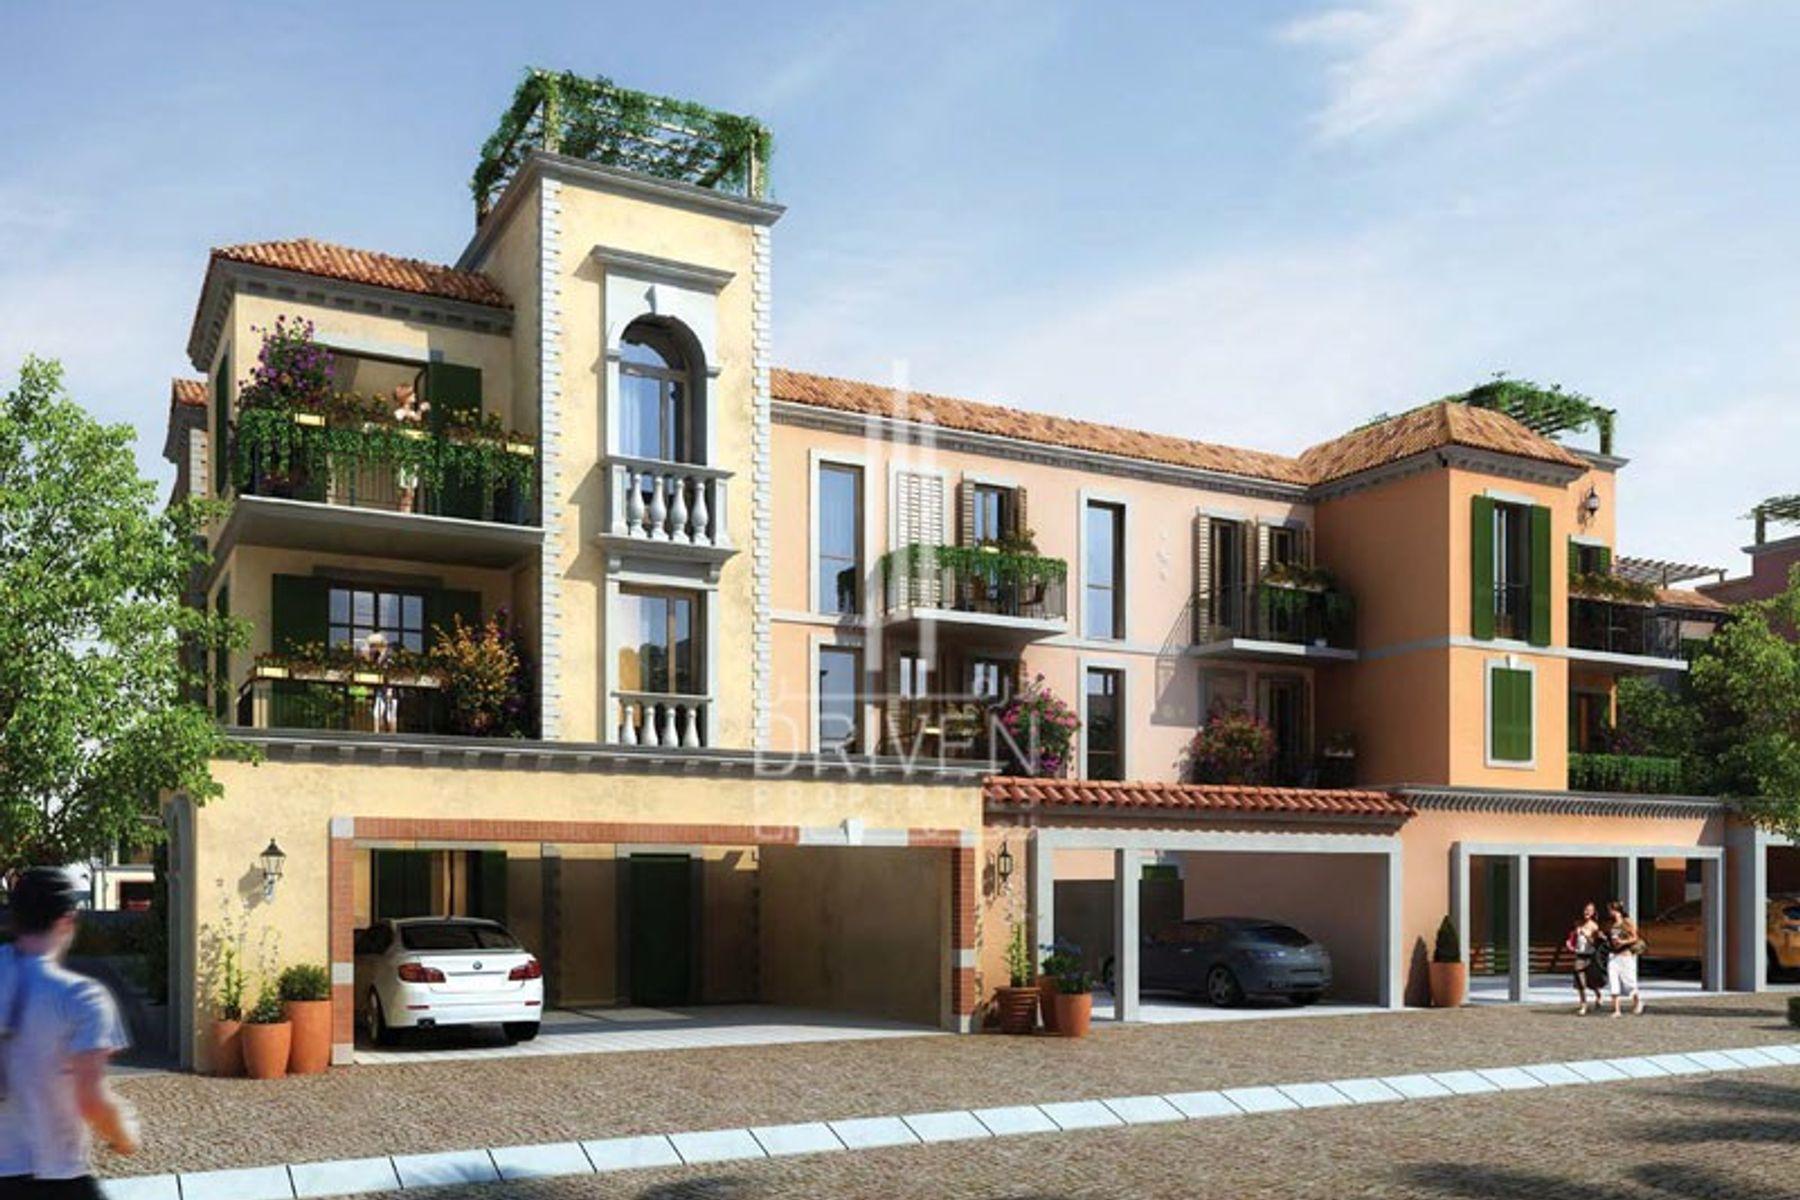 Townhouse for Sale in Sur La Mer - Jumeirah